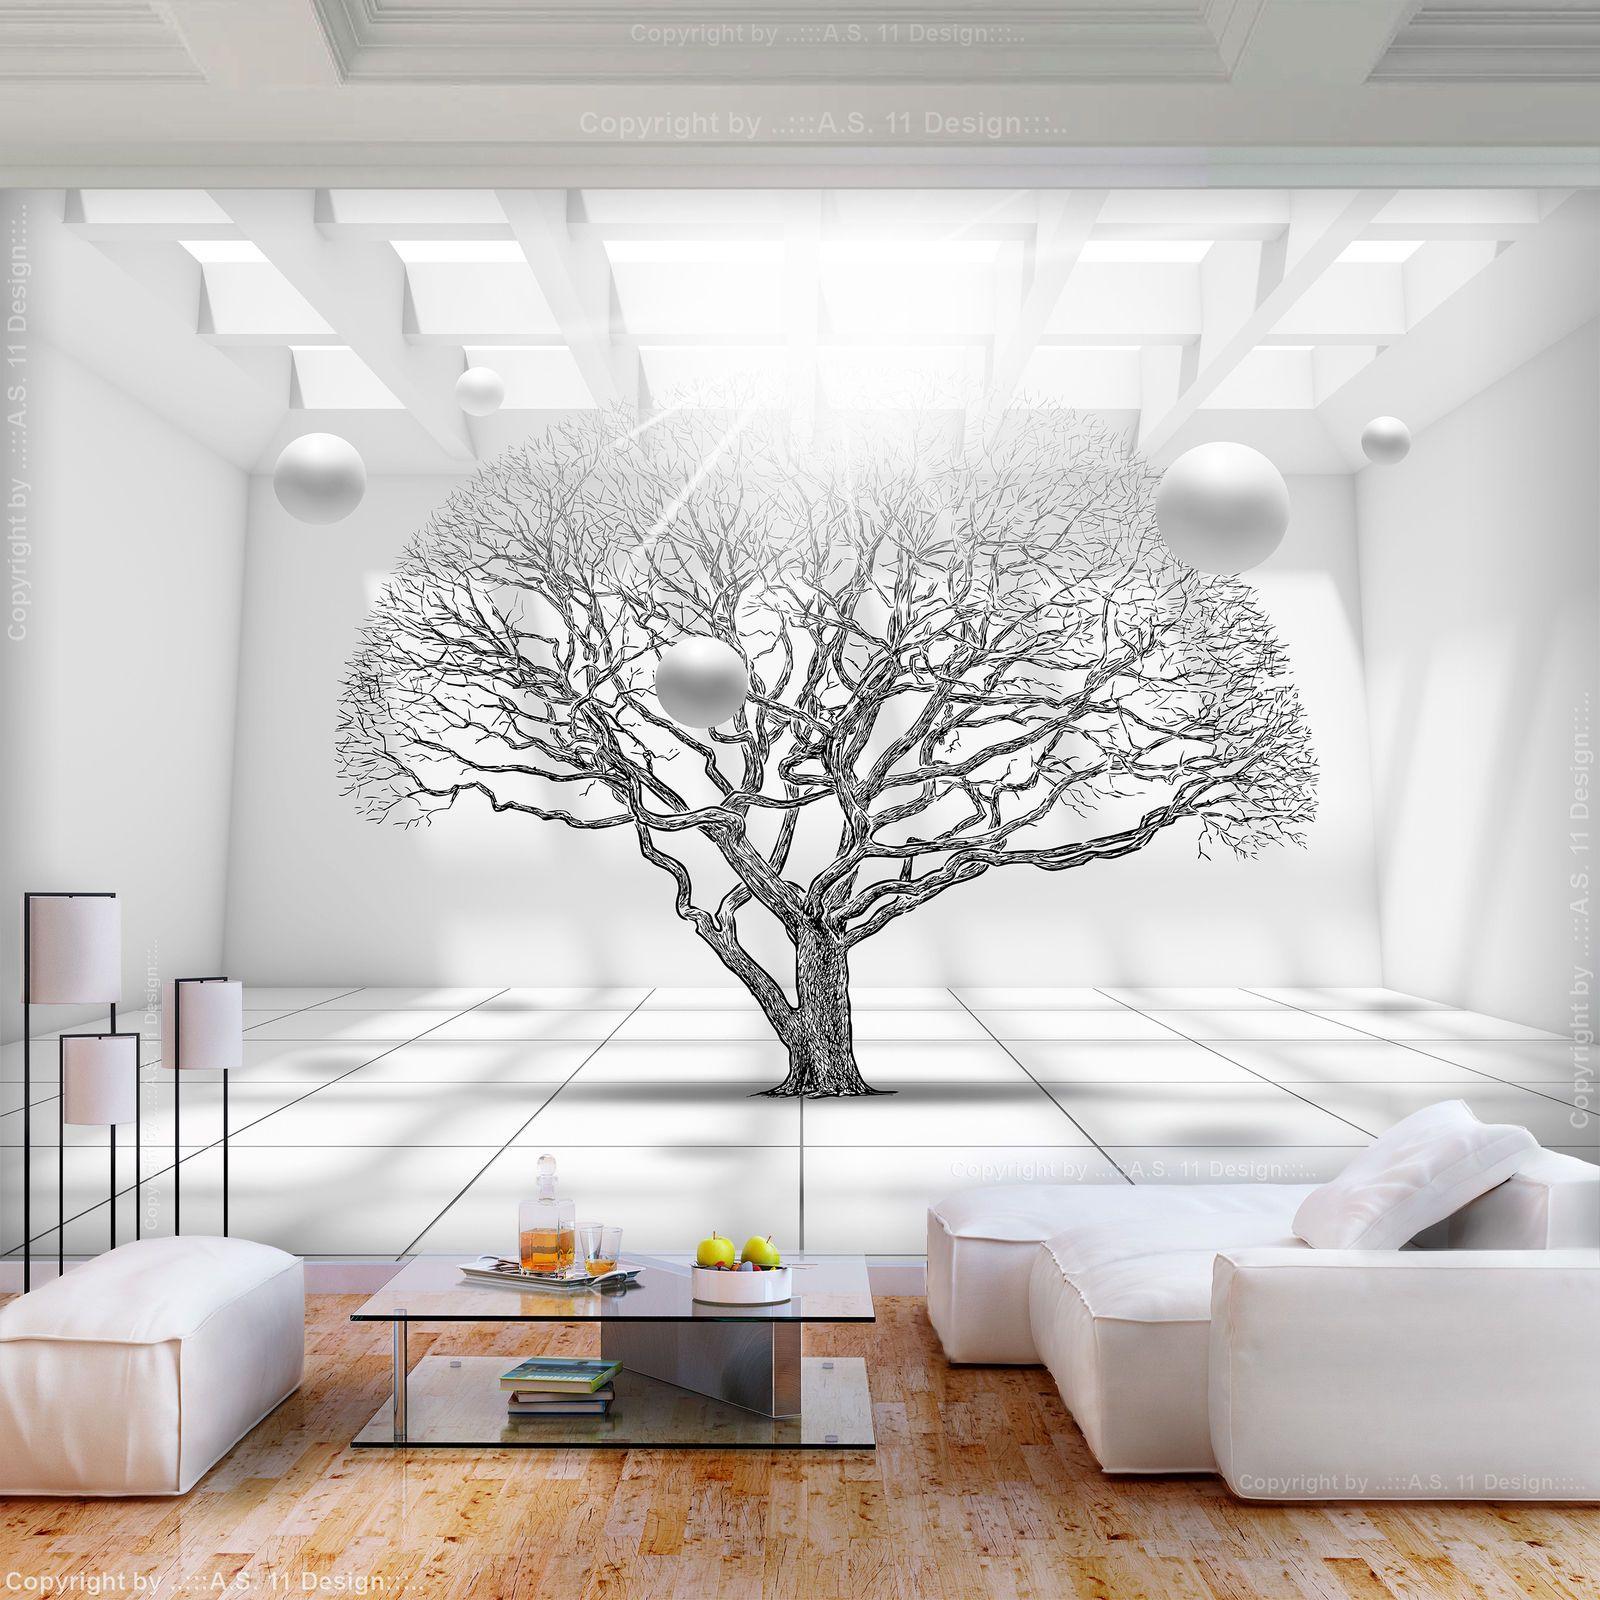 Vlies Fototapete Baum 3d Optik Kugeln Weiss Tapete Wohnzimmer